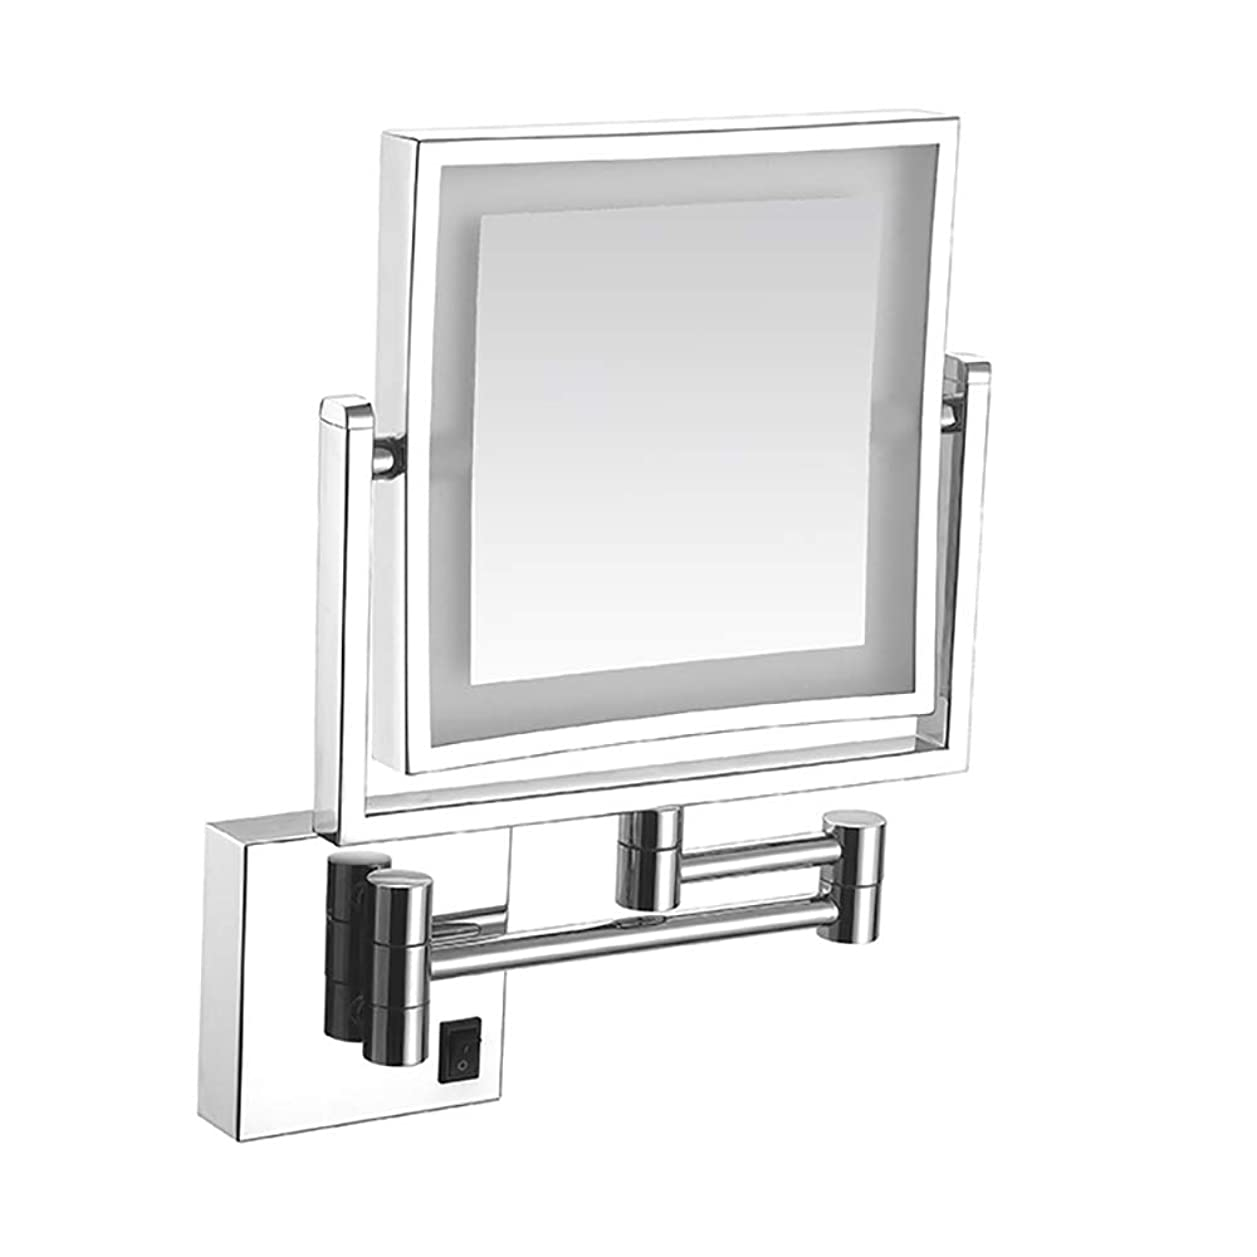 照明付き化粧鏡、倍率1倍/ 3倍、180度回転両面照明付き化粧鏡